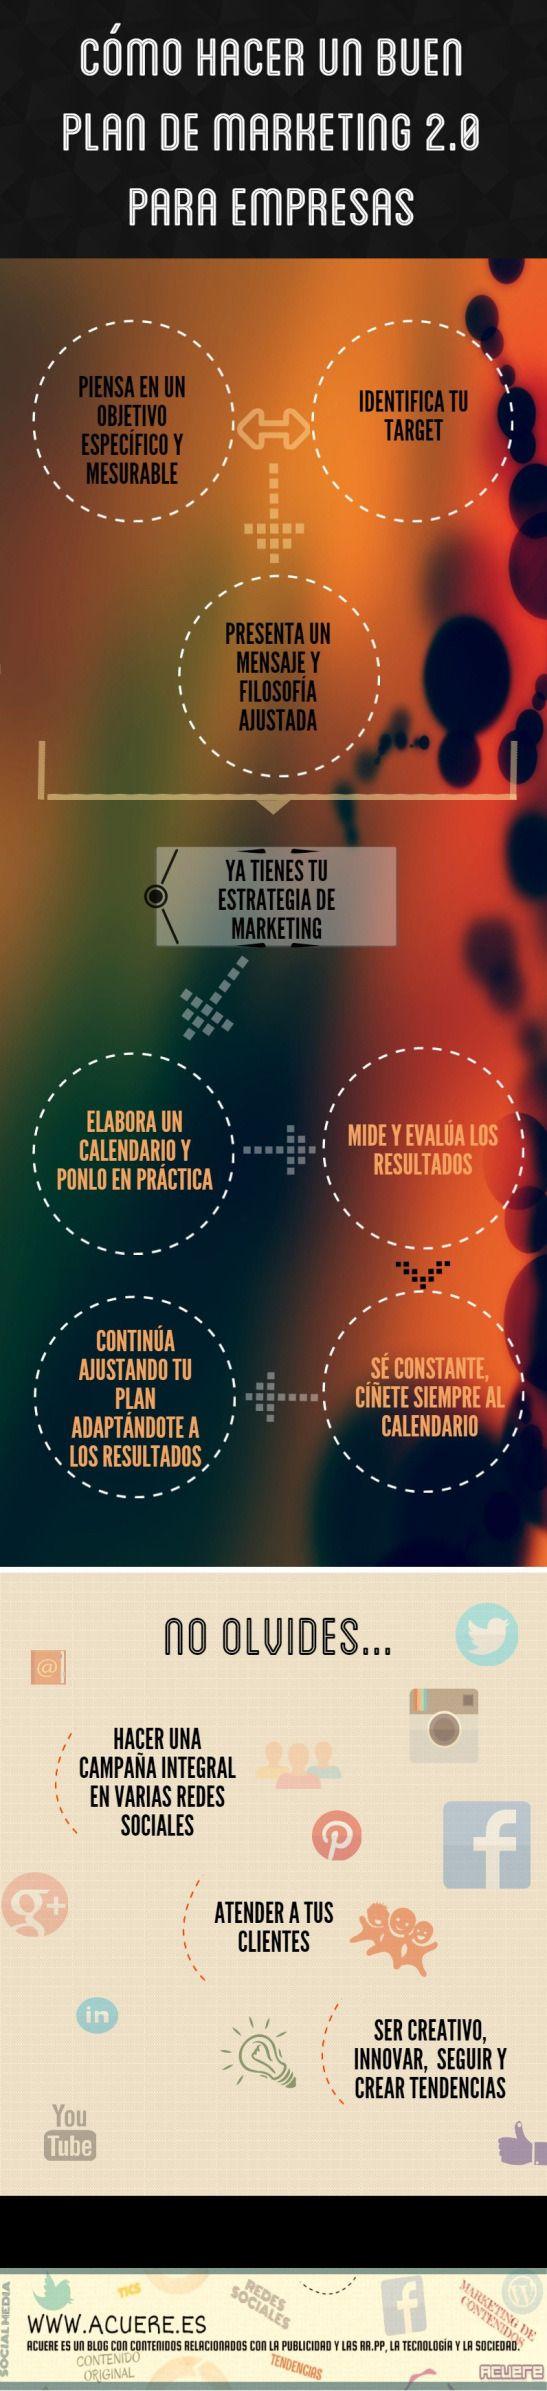 Plan de marketing 2.0 para empresas #infografia #infographic #marketing #socialmedia